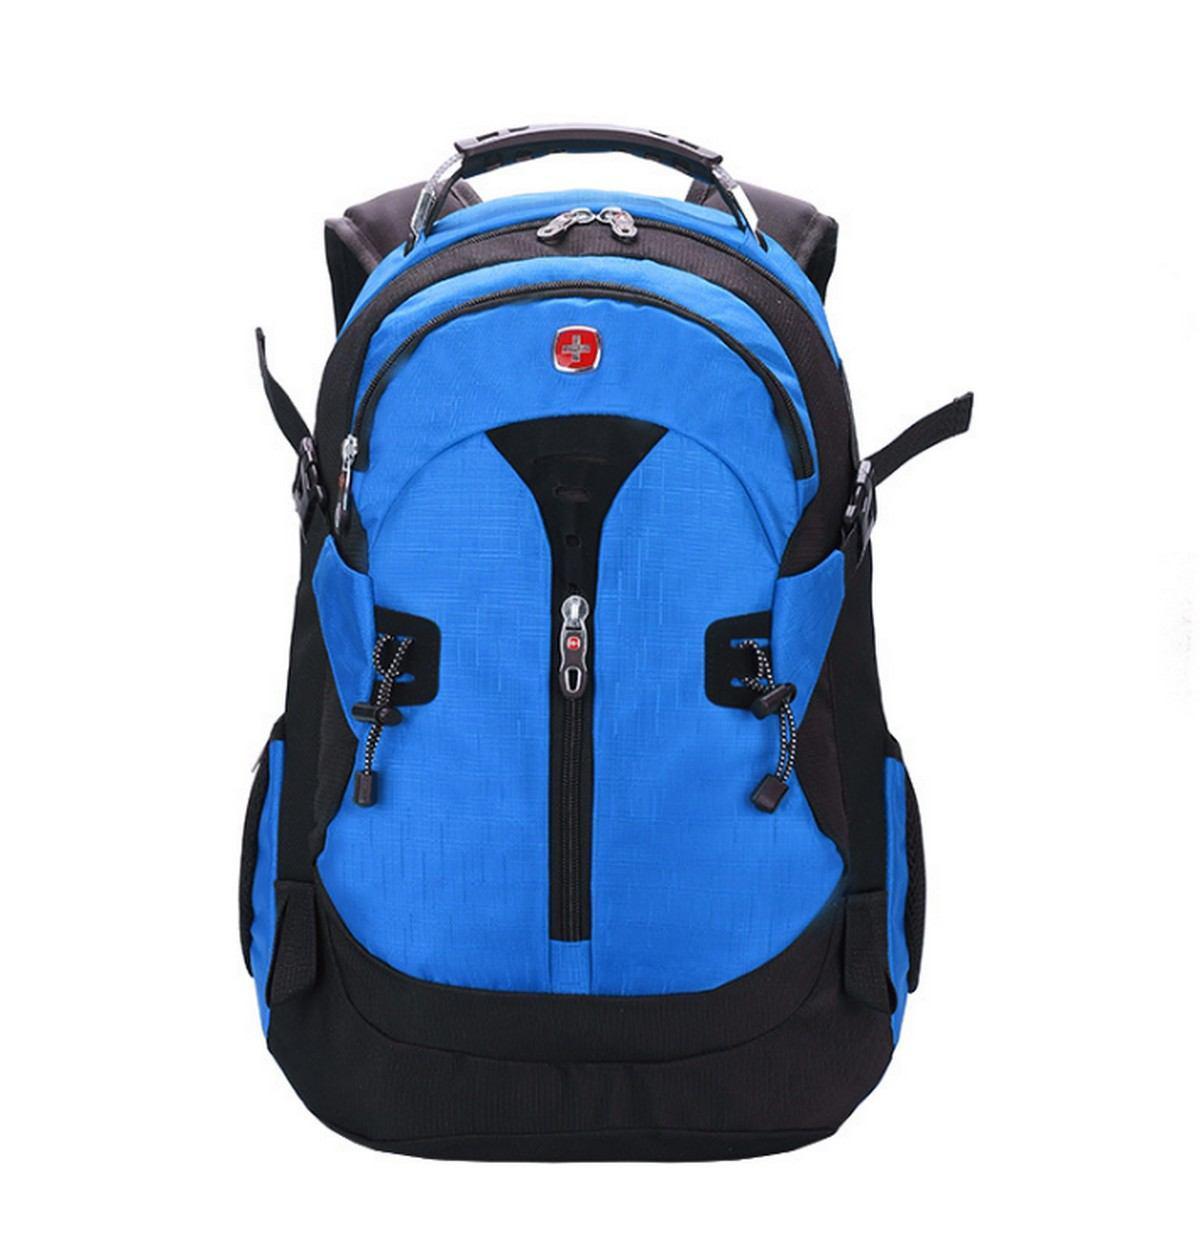 Вместительный рюкзак в стиле SwissGear Wenger, свисгир. Синий с черным. + Дождевик. / s7255 blue